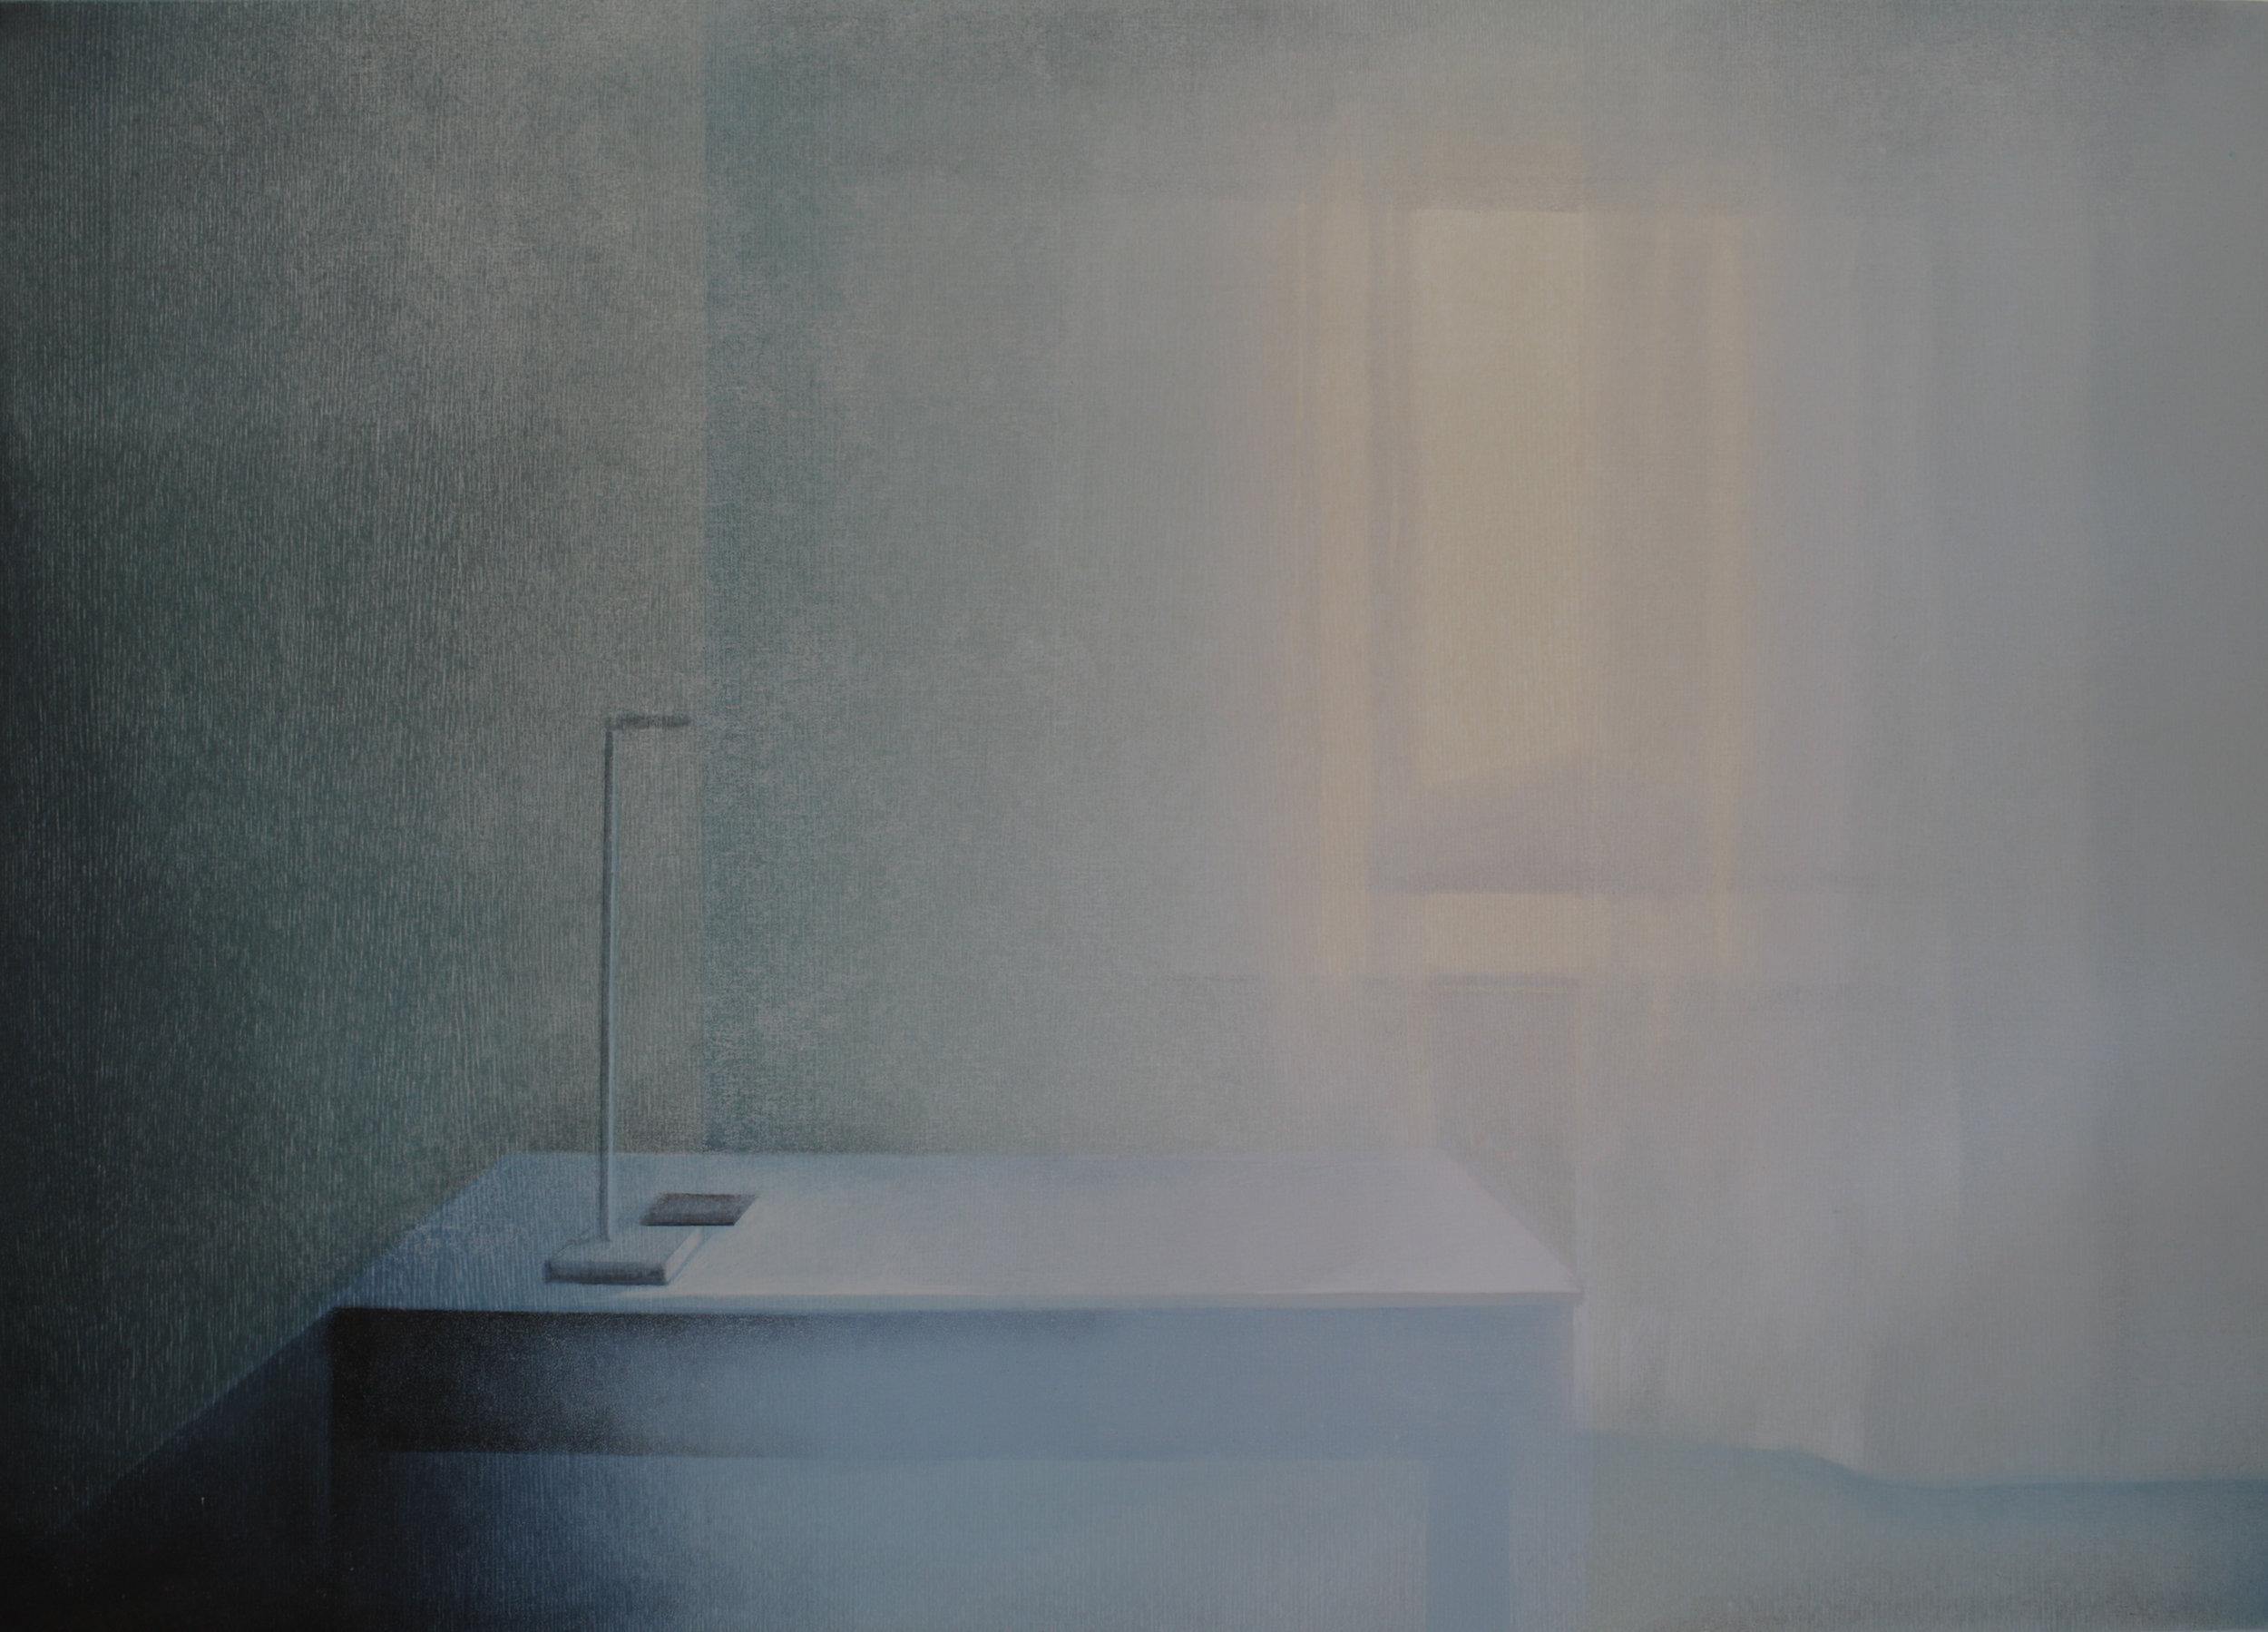 Praween PIANGCHOOMPU, Sanctuary Inside The Soul #28, 2017, Woodcut on Paper, 5 of 8, 60 x 86 cm